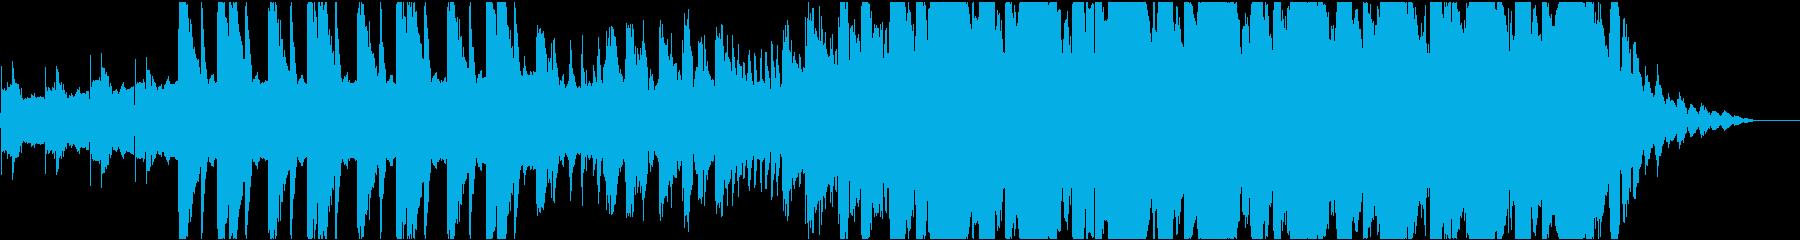 Trap・ブラス・ダーク・洋楽・ダンスの再生済みの波形